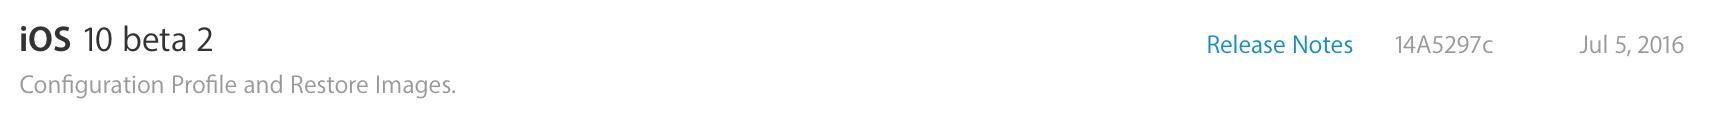 iOS 10 Beta Release Notes-bildschirmfoto-2016-07-05-um-19.23.15.png